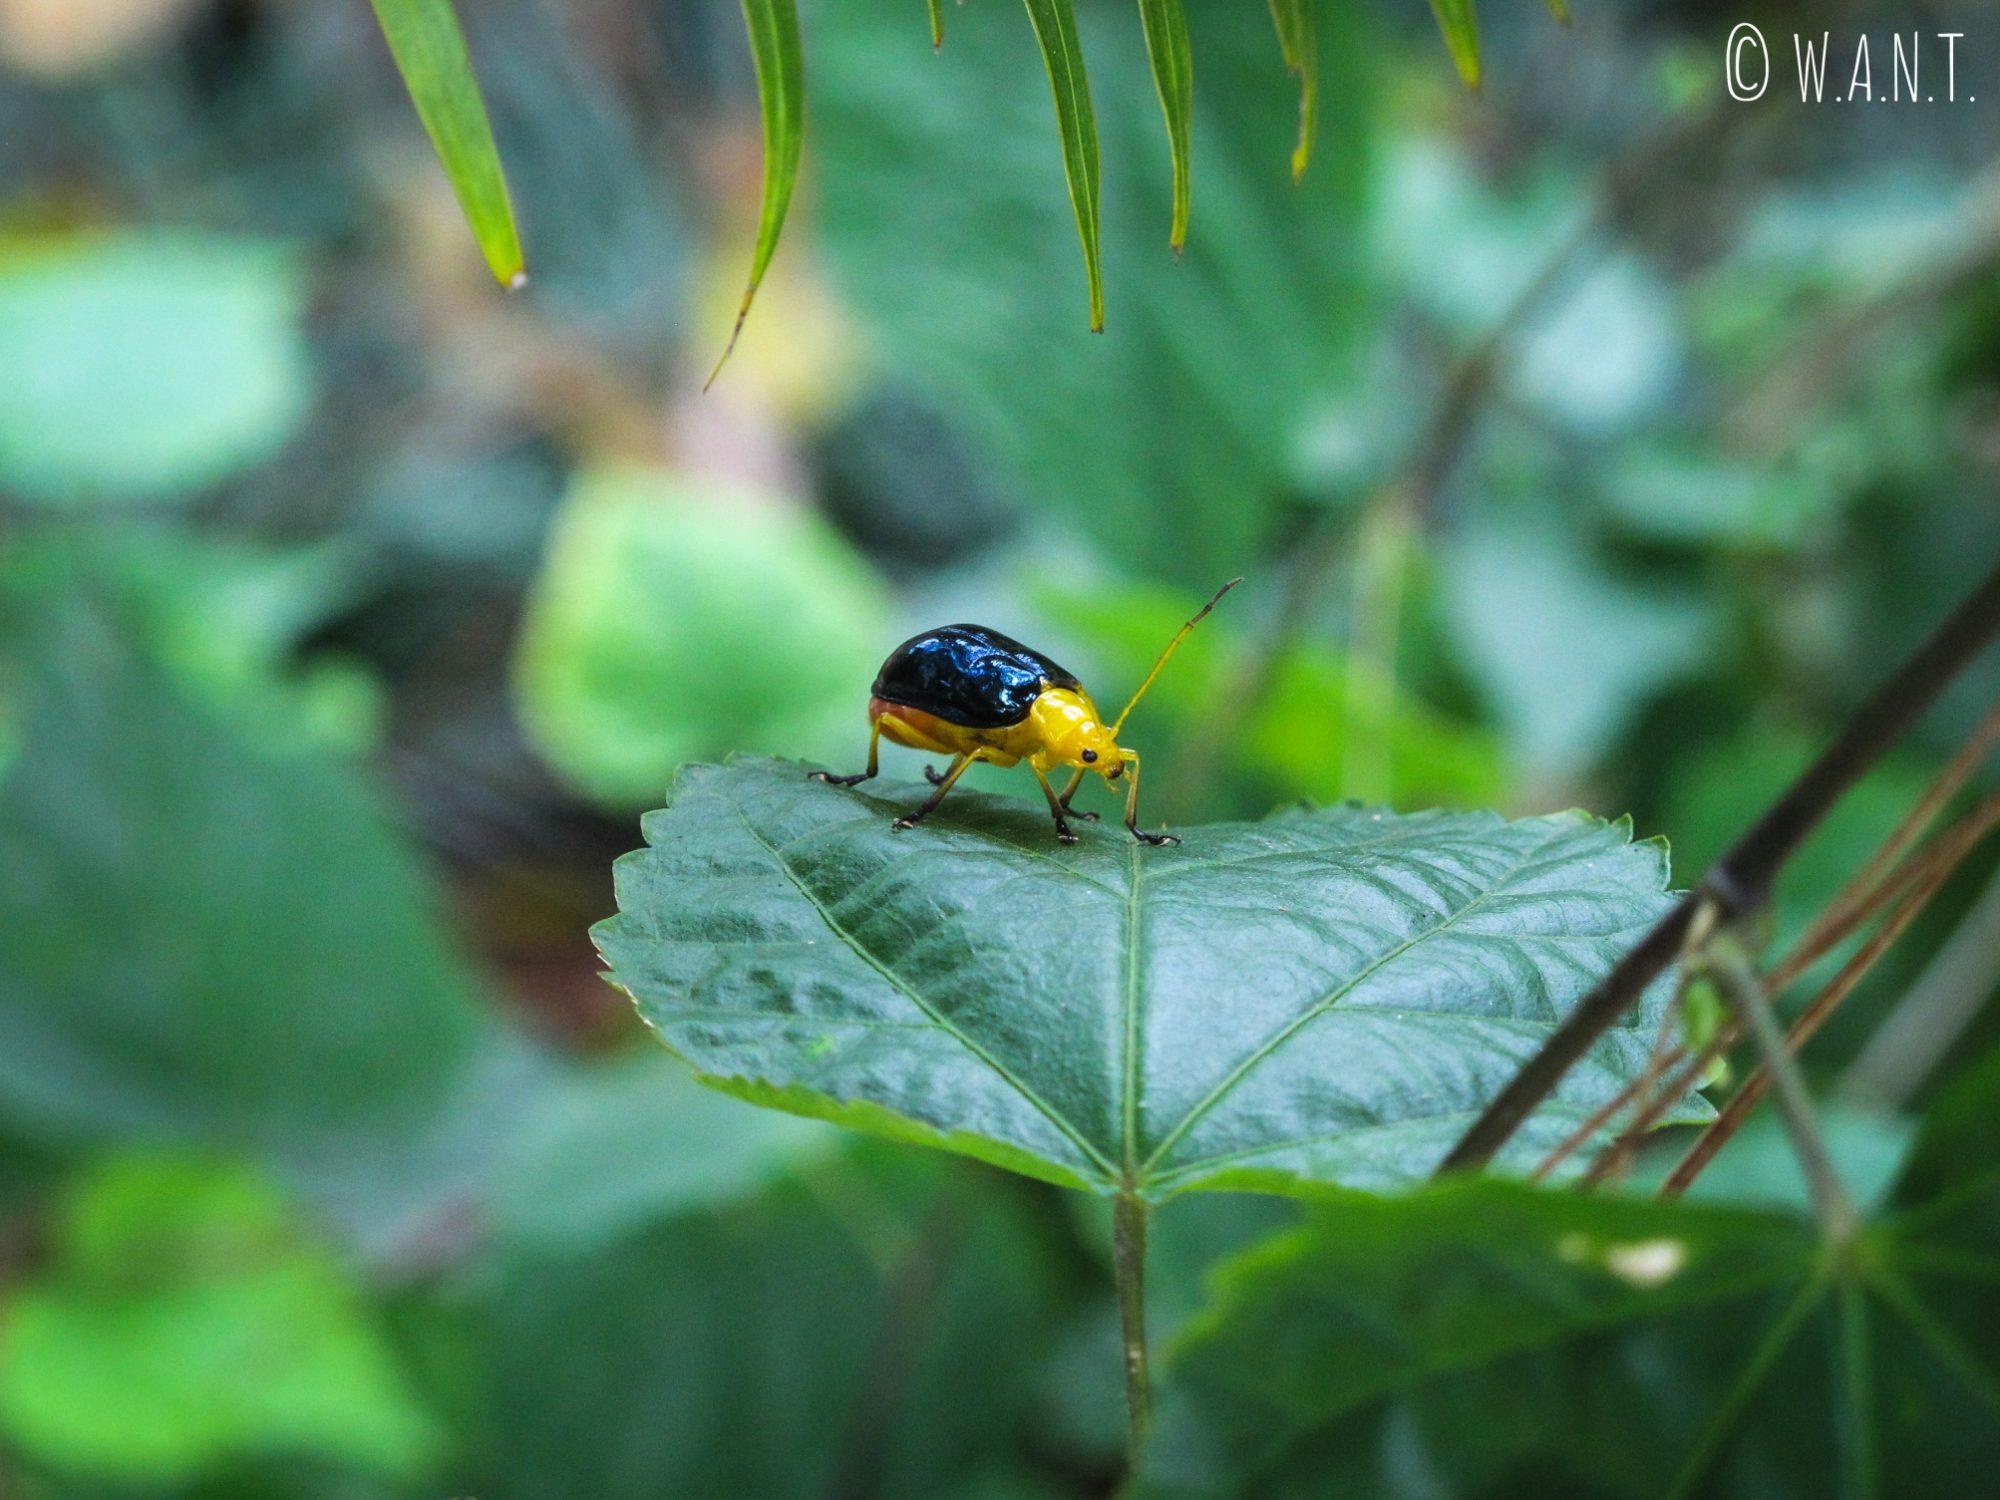 Gros plan sur ce petit insecte jaune et noir dans les jardins de Truc Lâm Temple